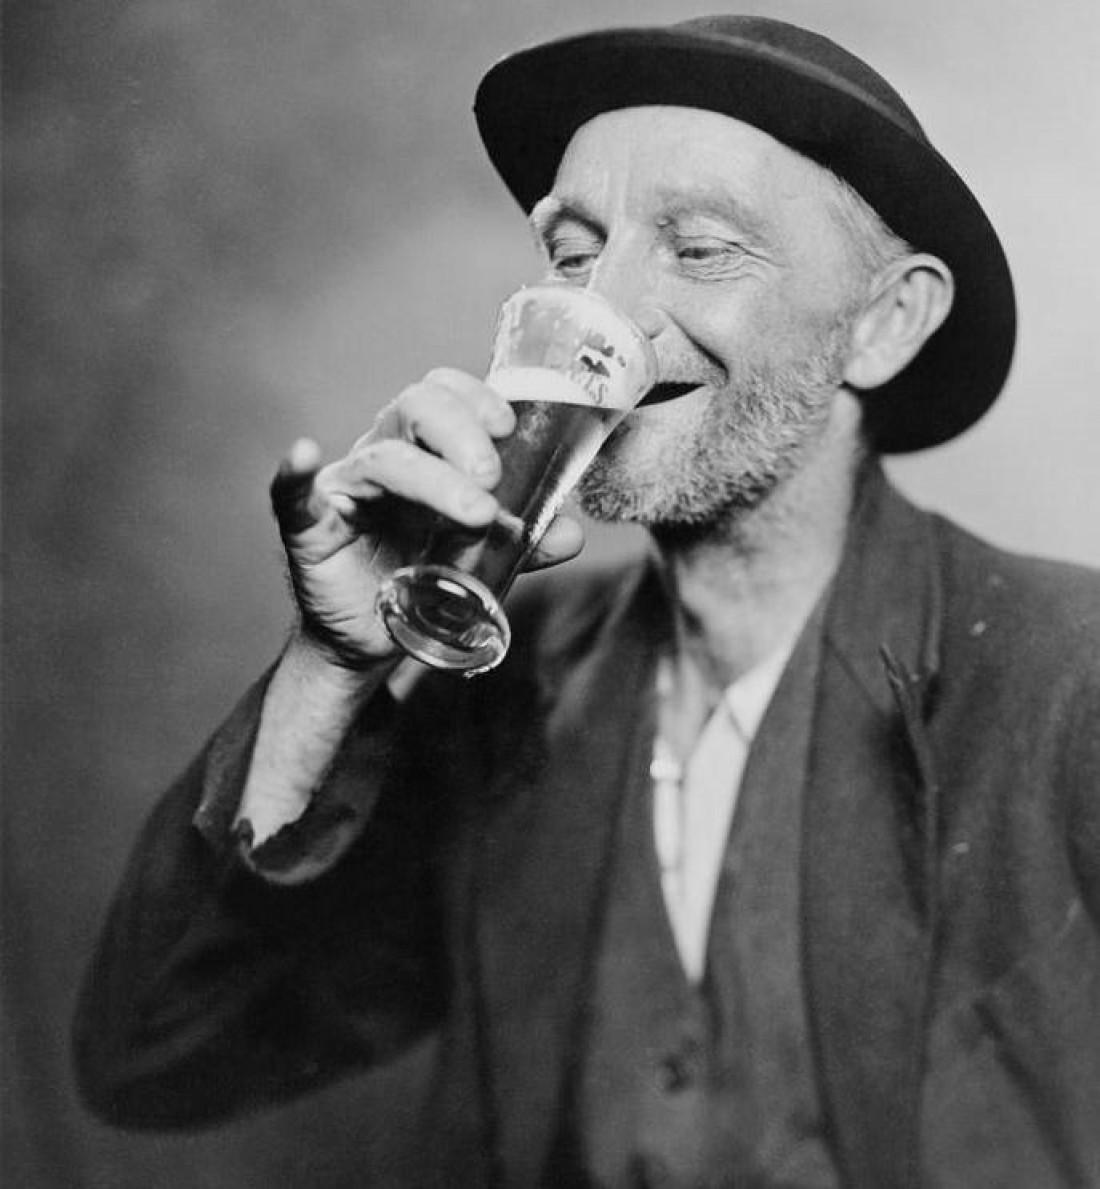 Накати пивка — и настроение улучшится